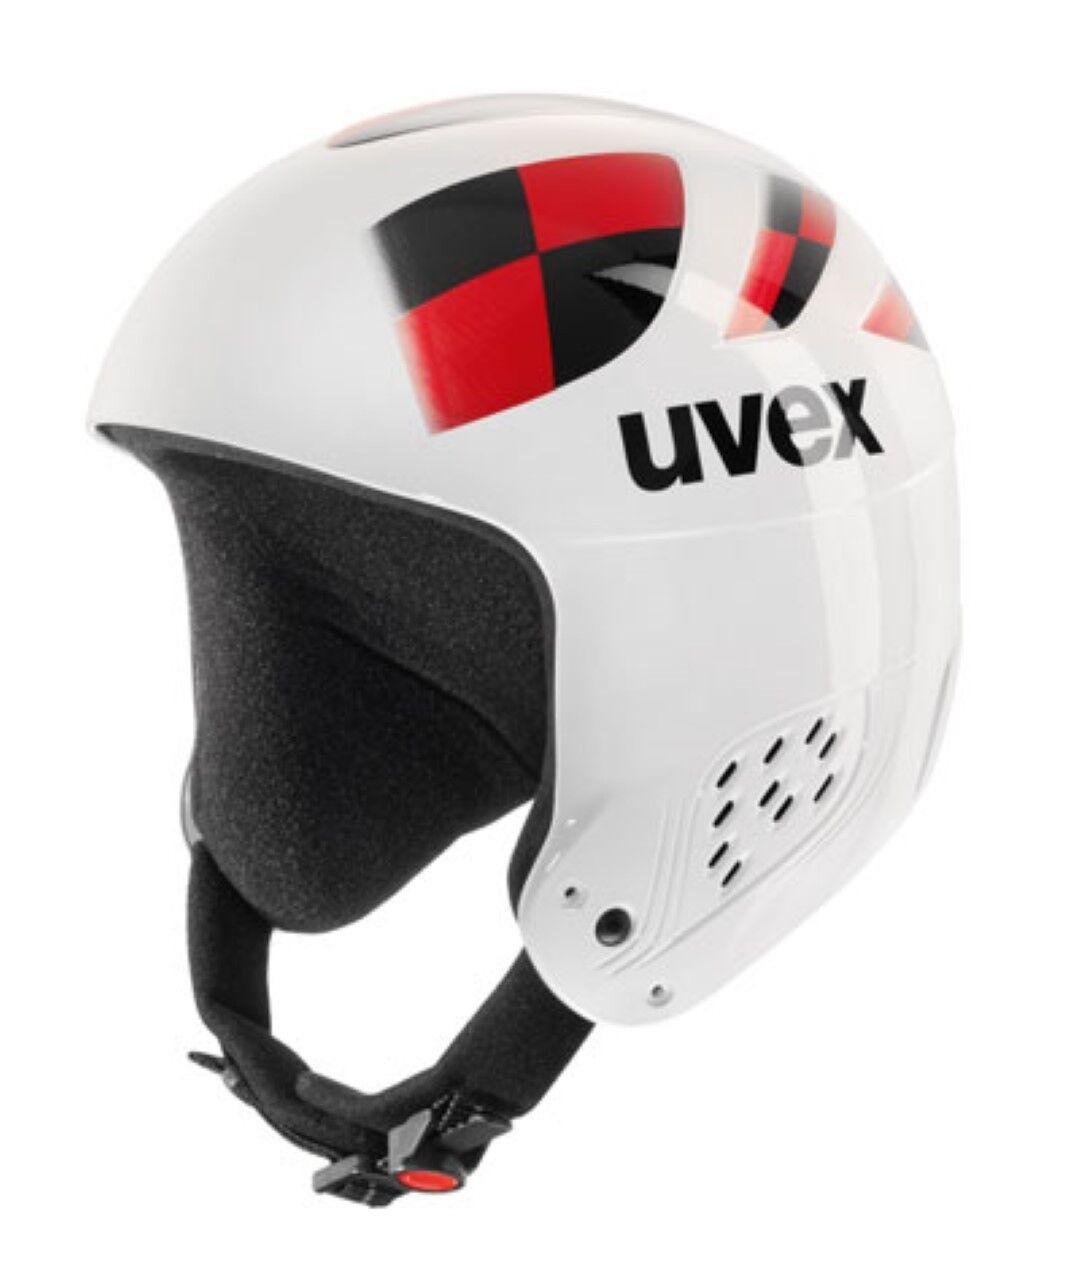 Uvex Kinder Skihelm jump Weiß Weiß Weiß XS 53-54cm Helm renntauglich Option für Kinnbügel 4a8385